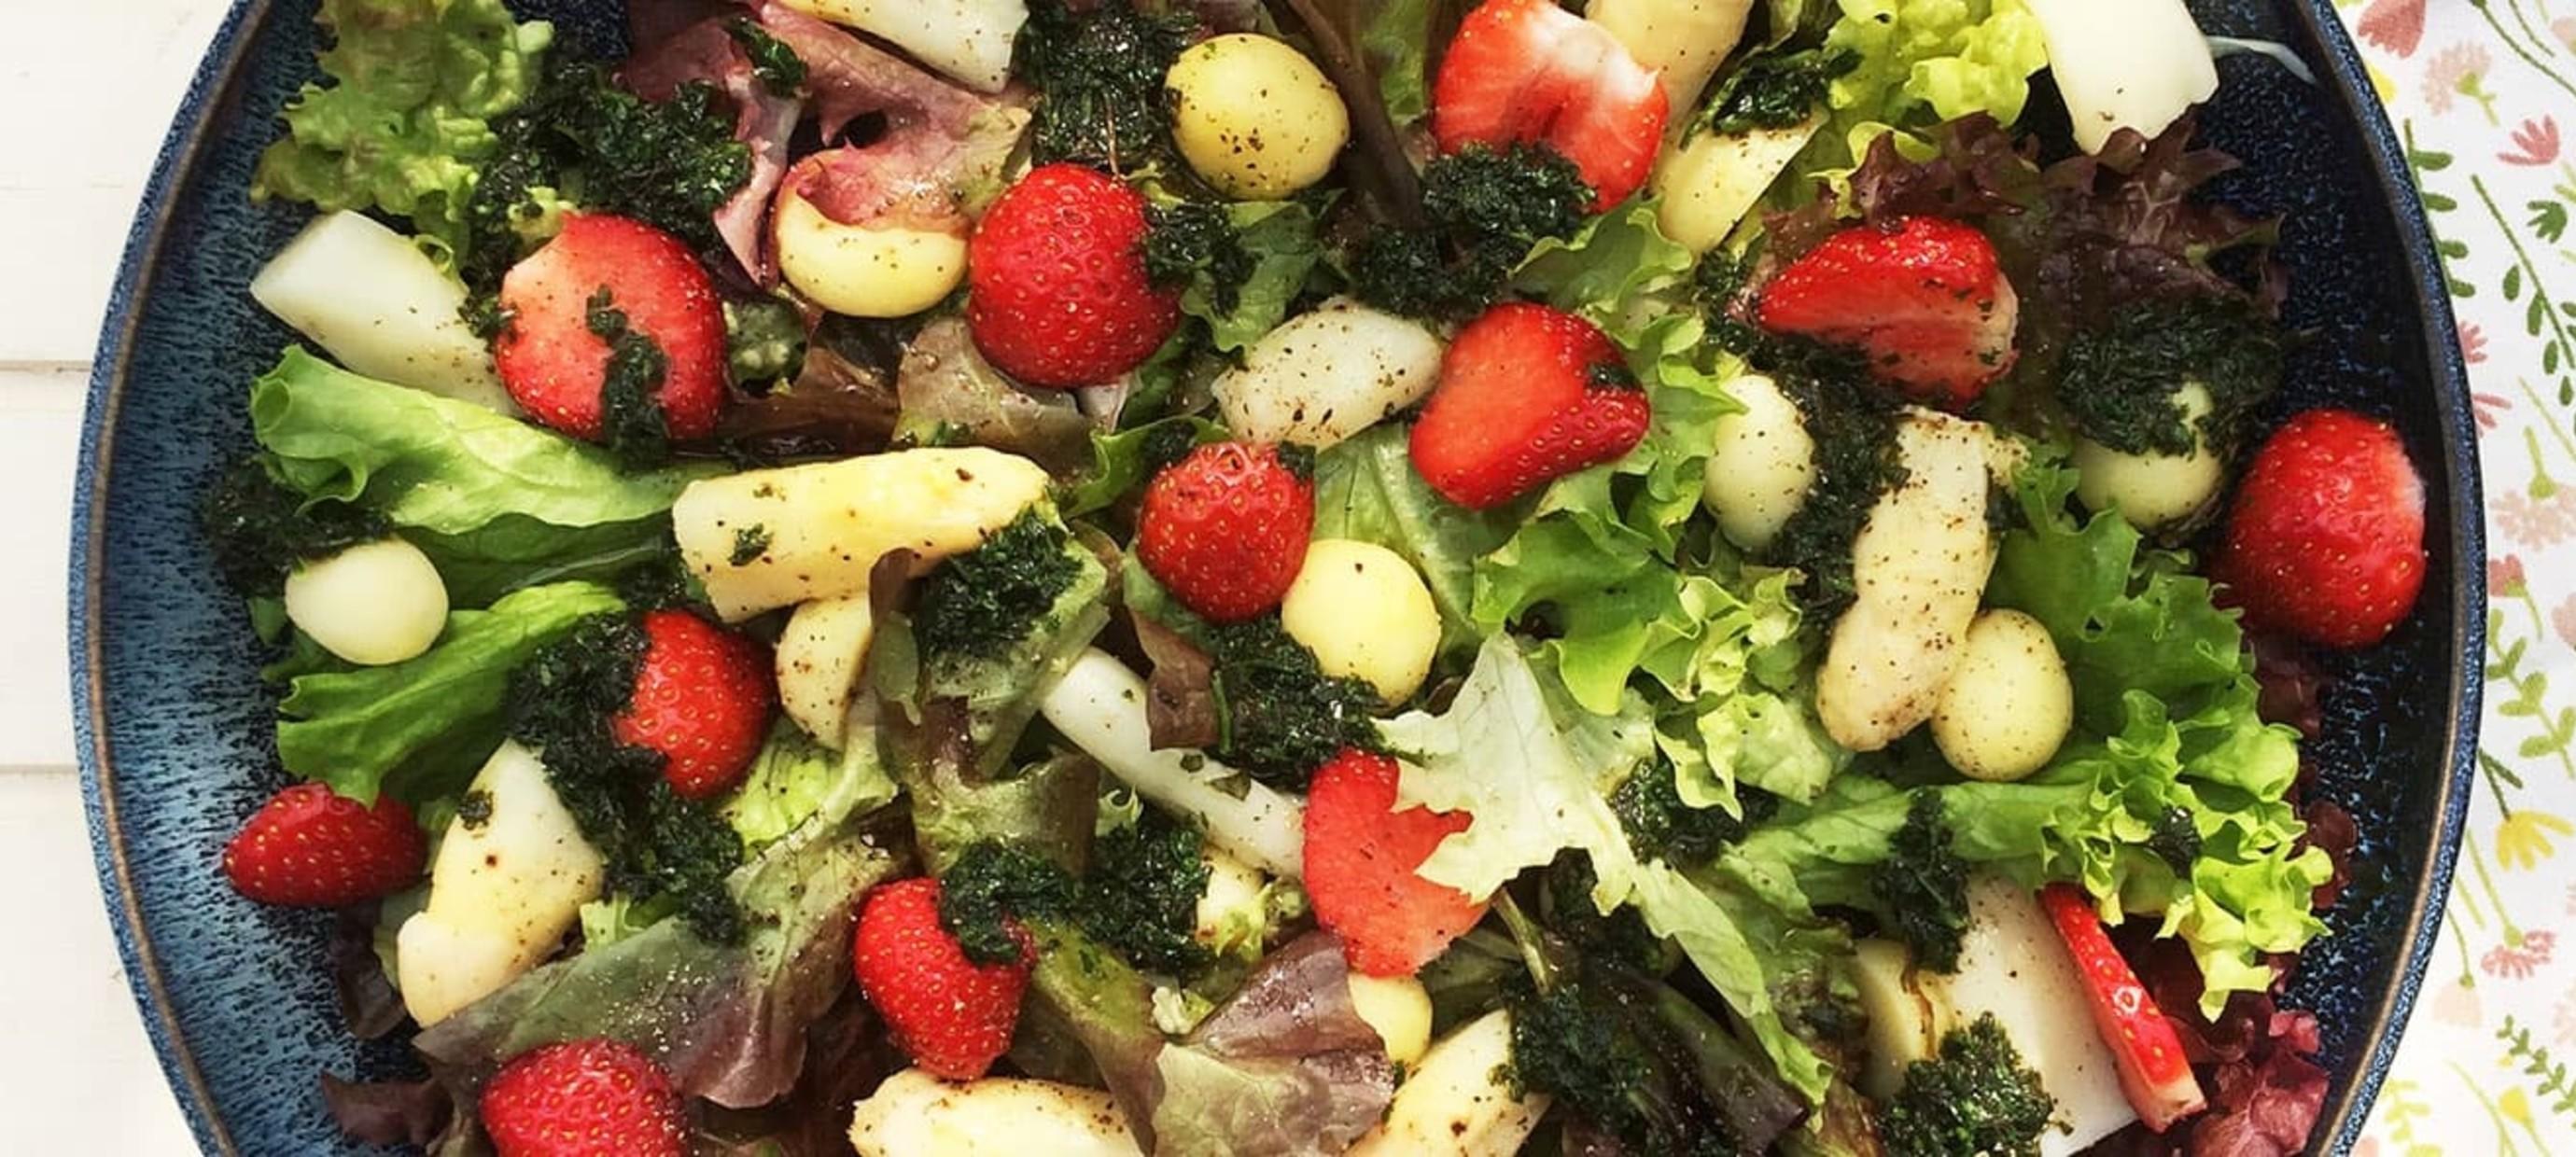 Salade met asperges, aardbeien en balsamico dressing